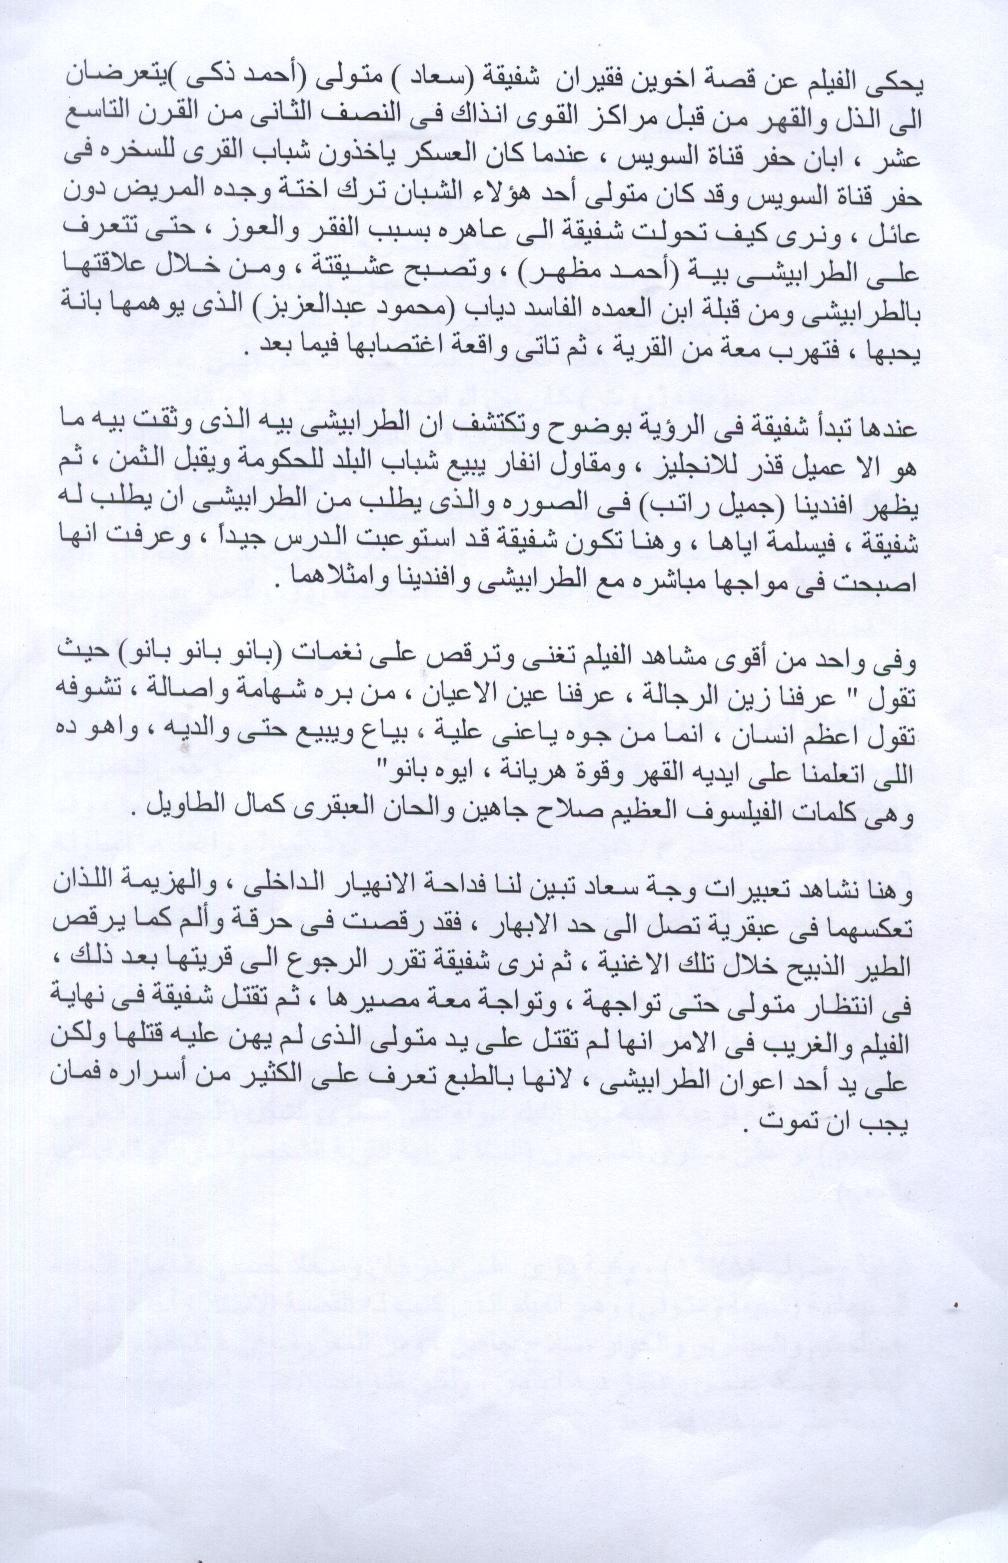 مقال صحفي : قصة حياة سعاد حسني .. مأخوذة من أحد الكتب 2006 (؟) م 4120